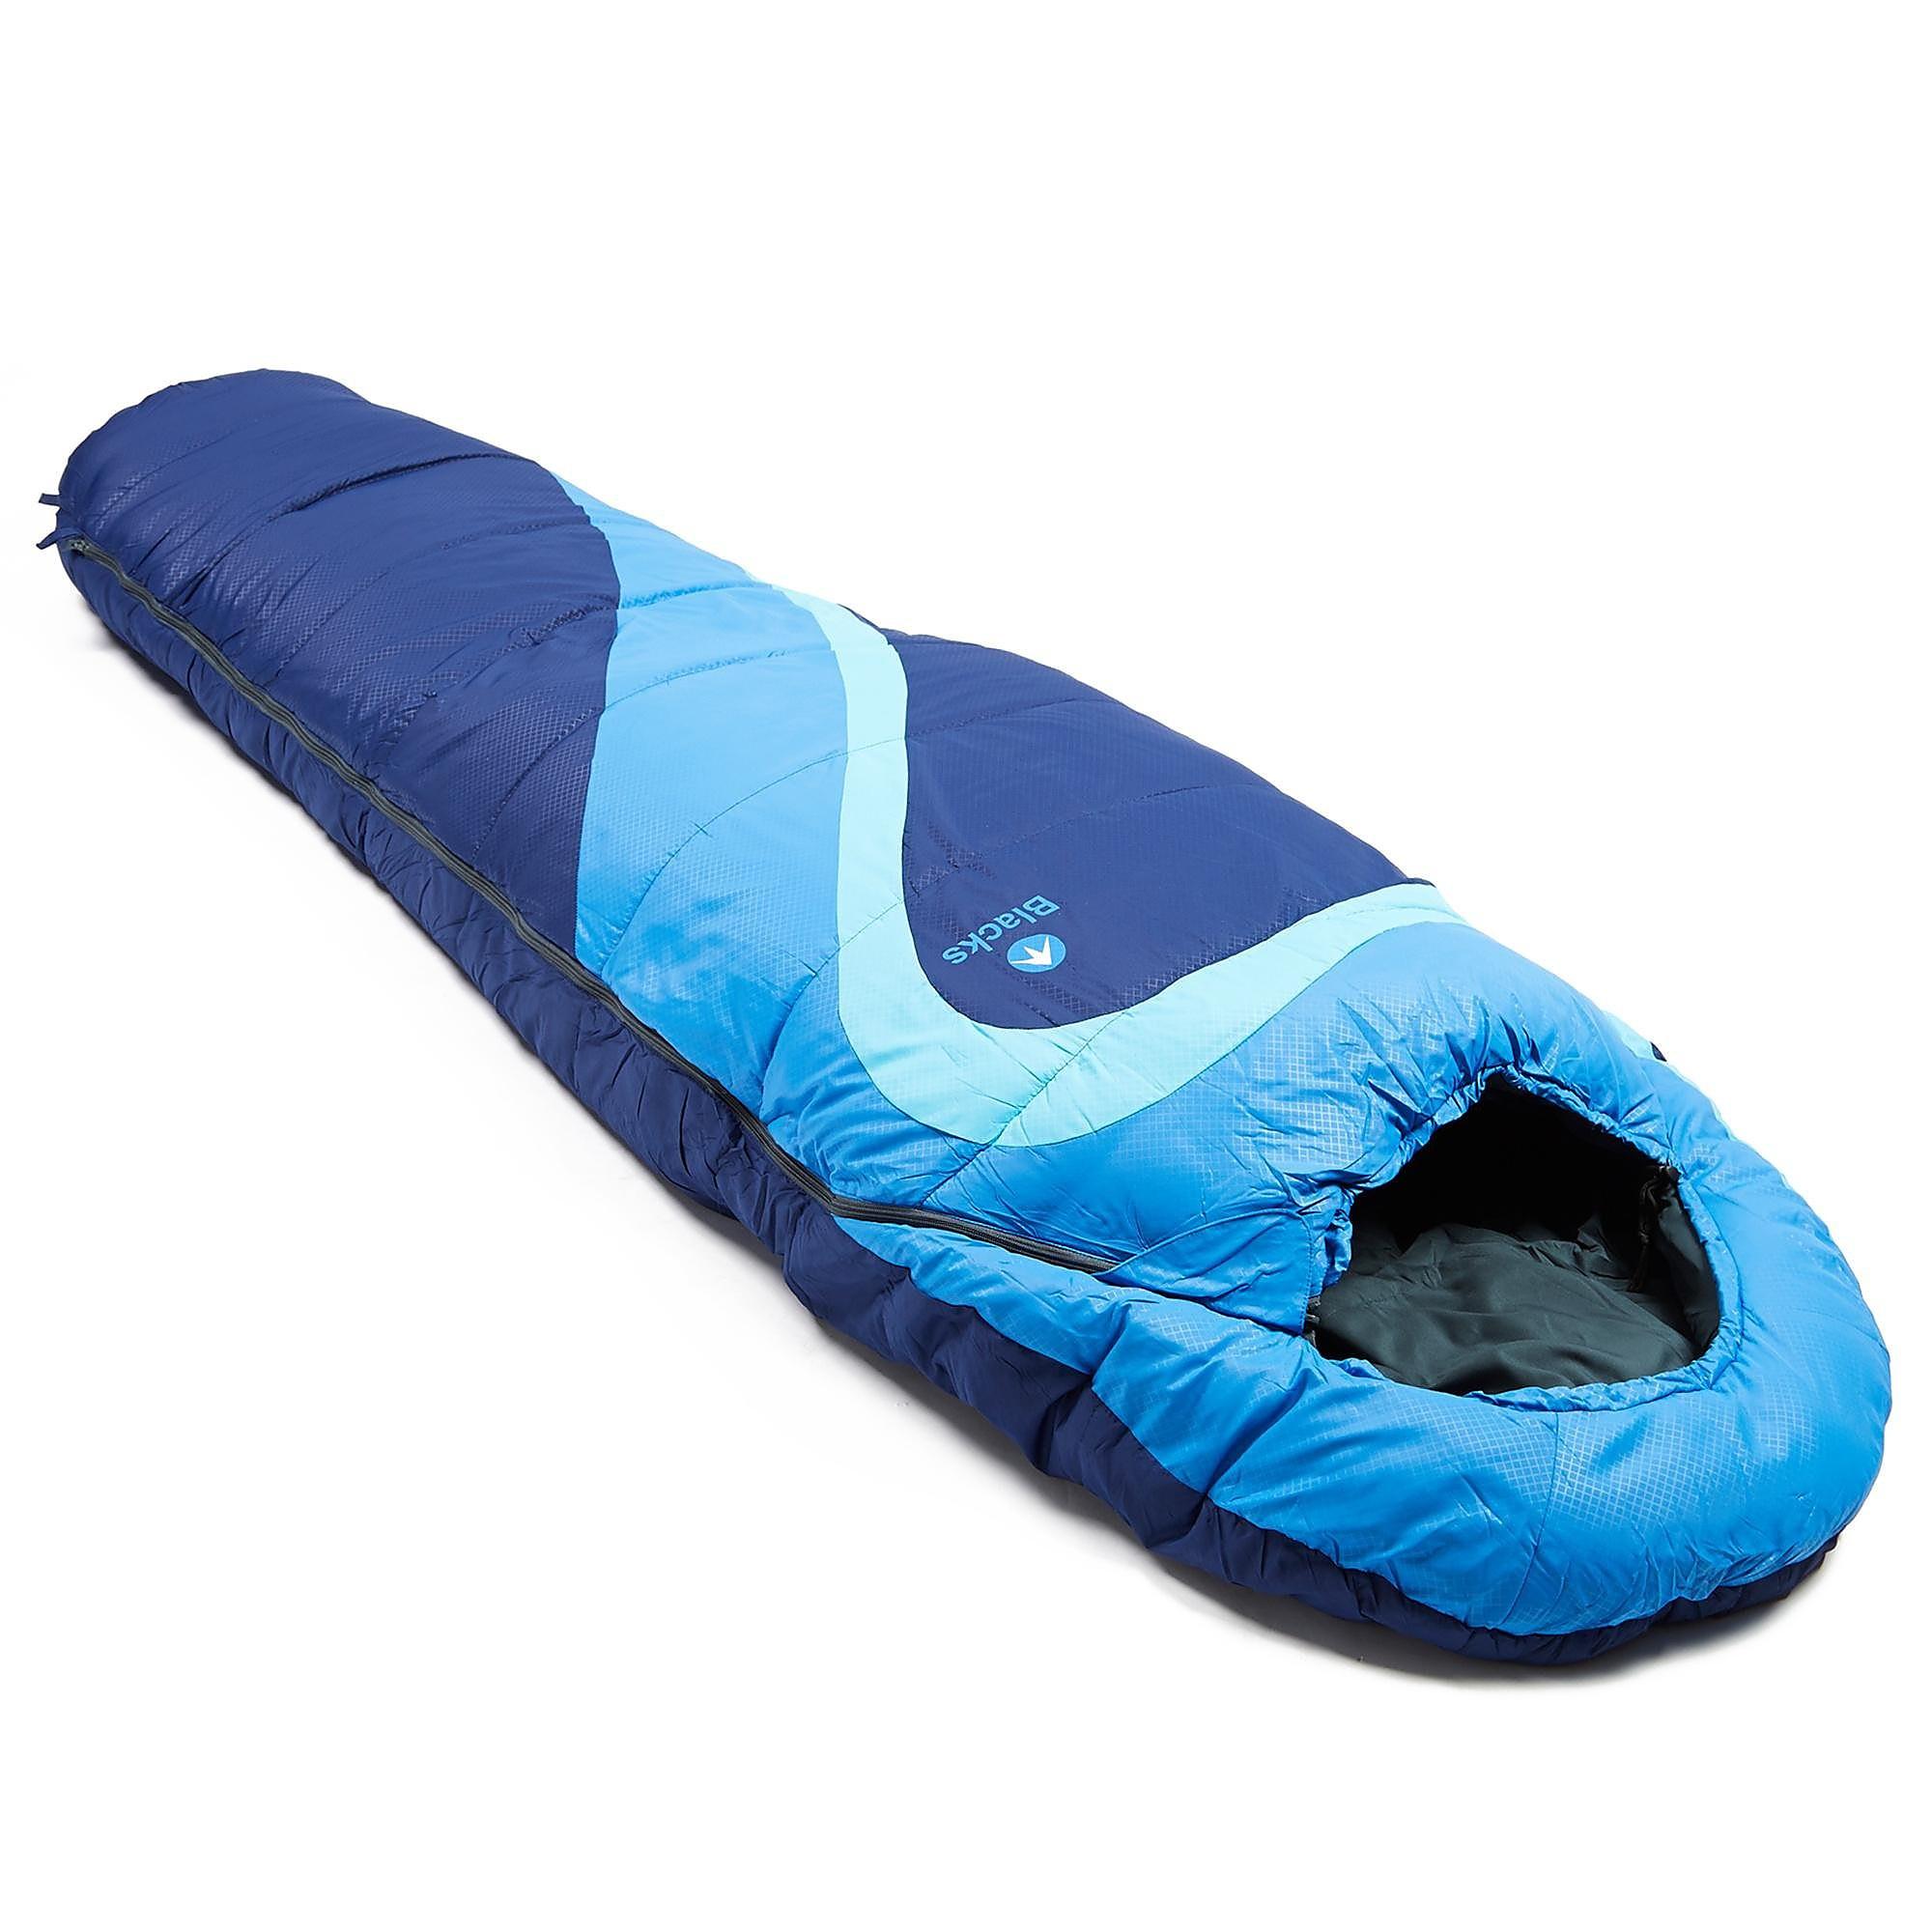 BLACKS Quantum 200 Mummy Sleeping Bag